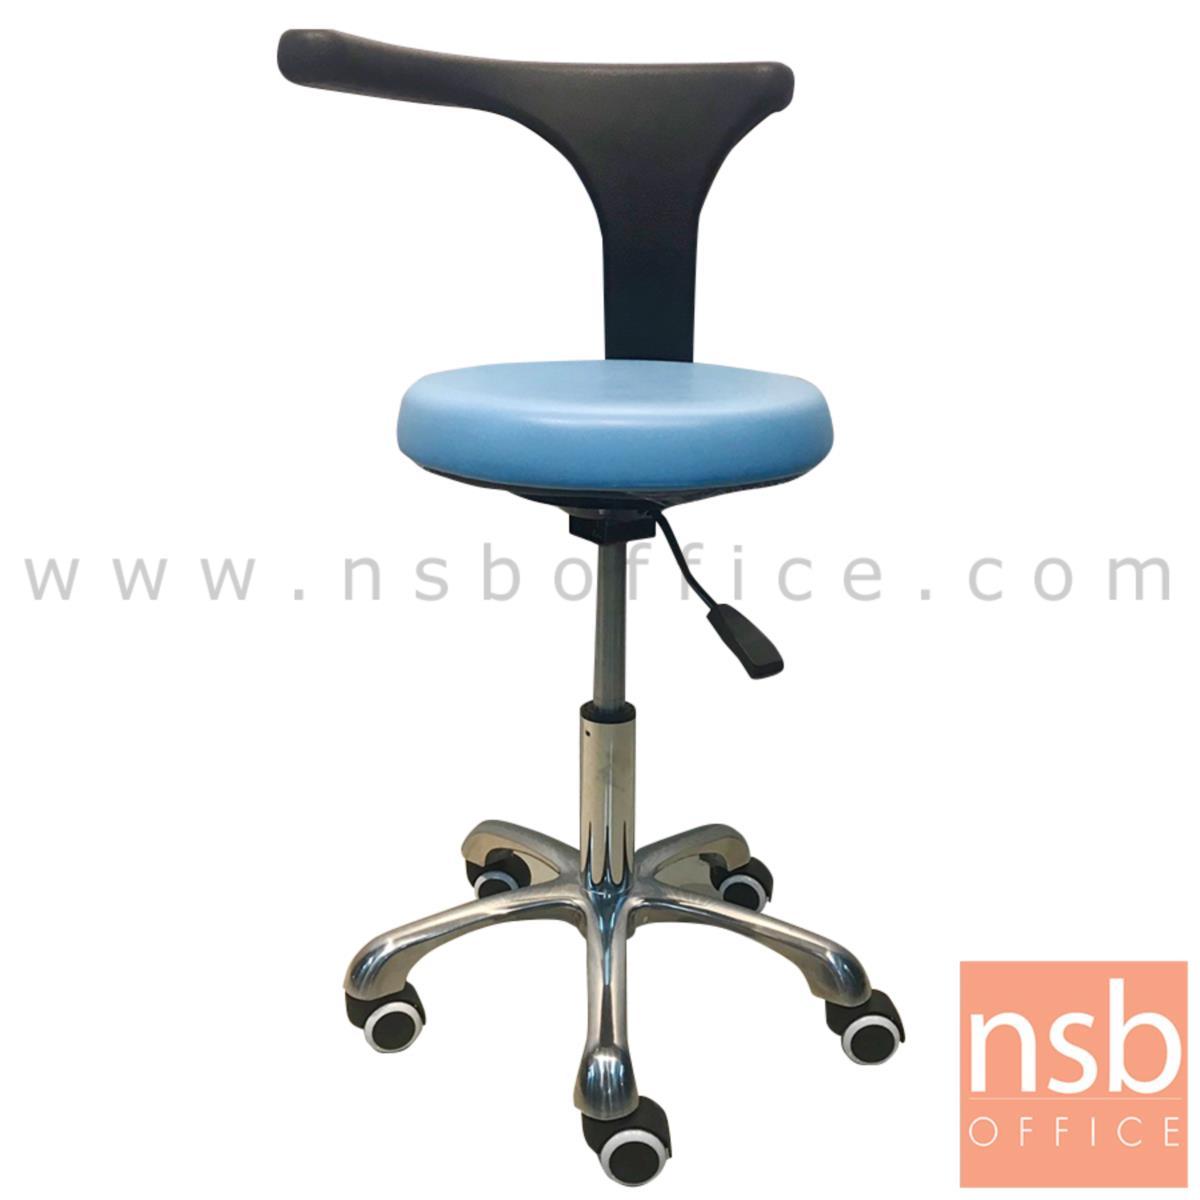 B09A205:เก้าอี้หมอฟัน พนักพิงหมุนได้รอบตัว รุ่น Arken (อาร์เคน)  ขาอลูมิเนียม